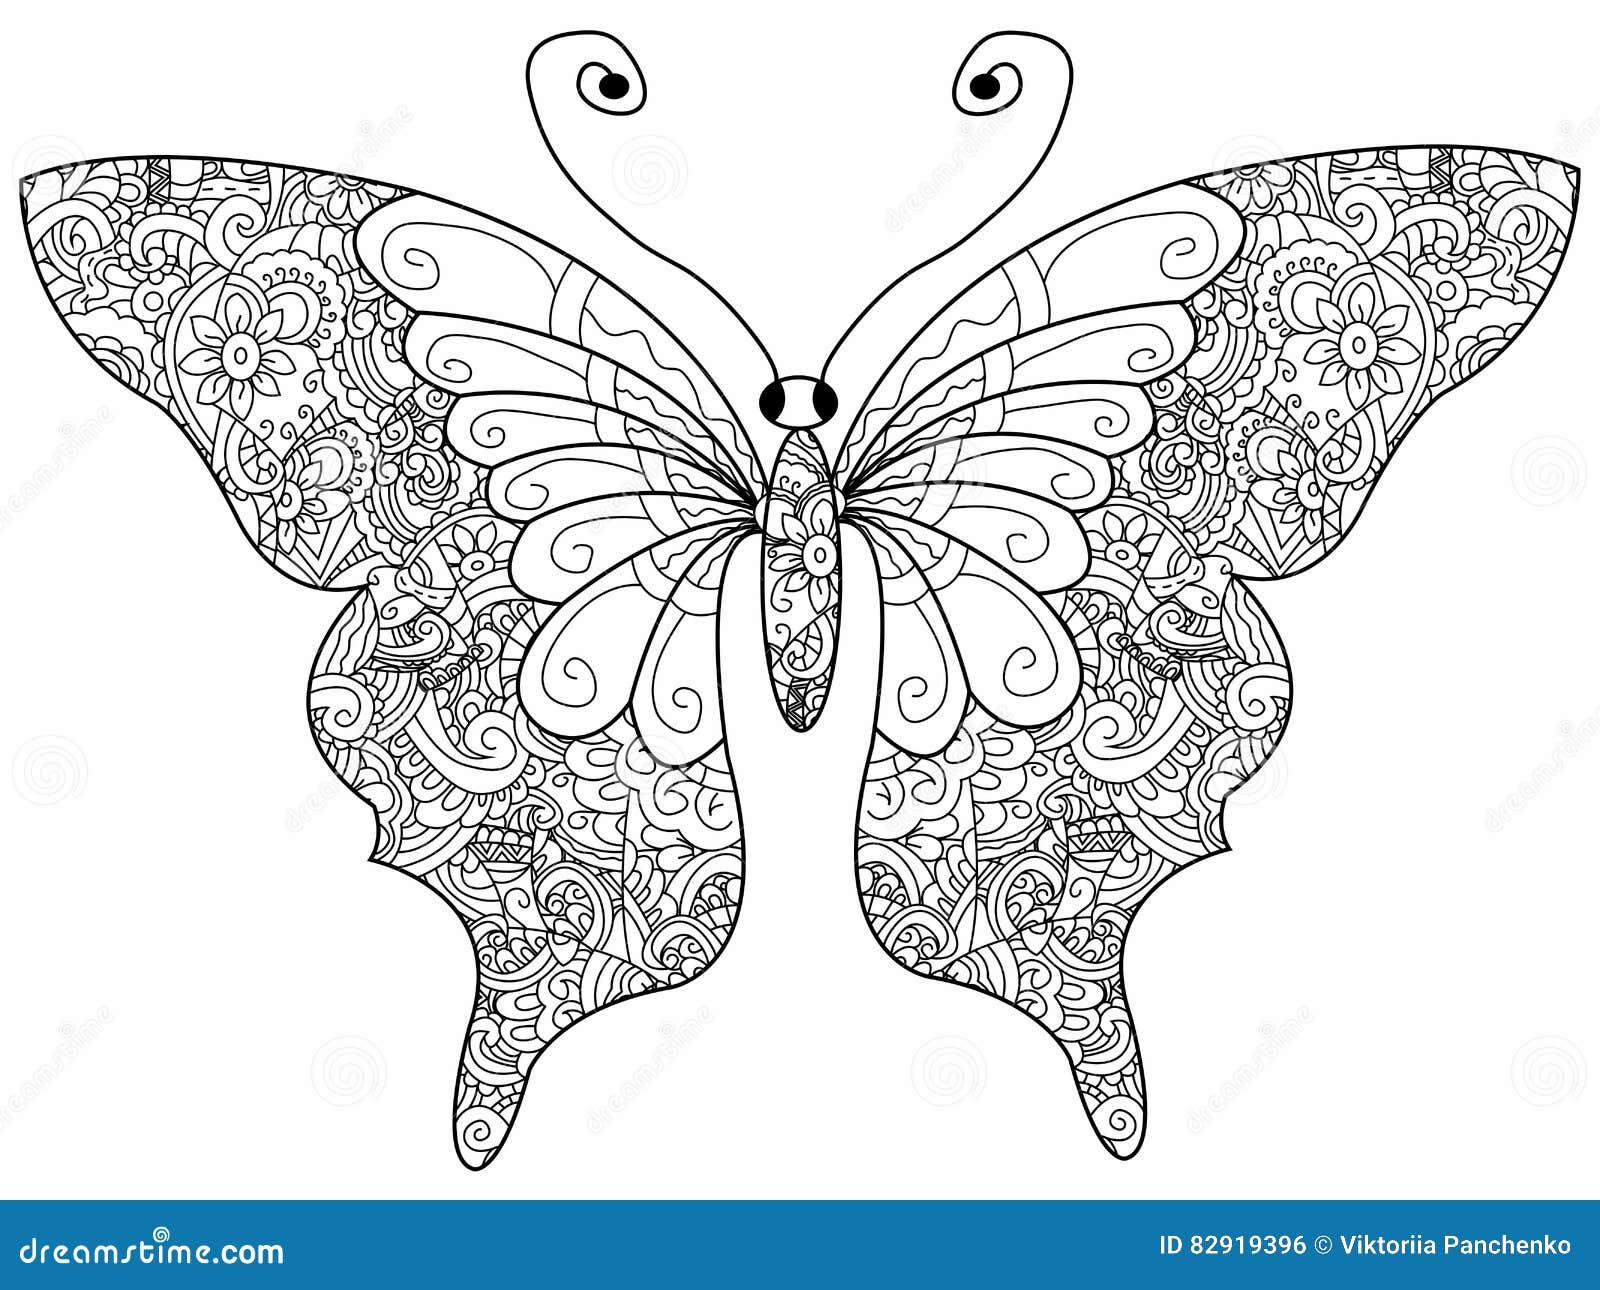 Vlinders Kleurplaat Volwassenen Butterfly Coloring Book Vector For Adults Stock Vector